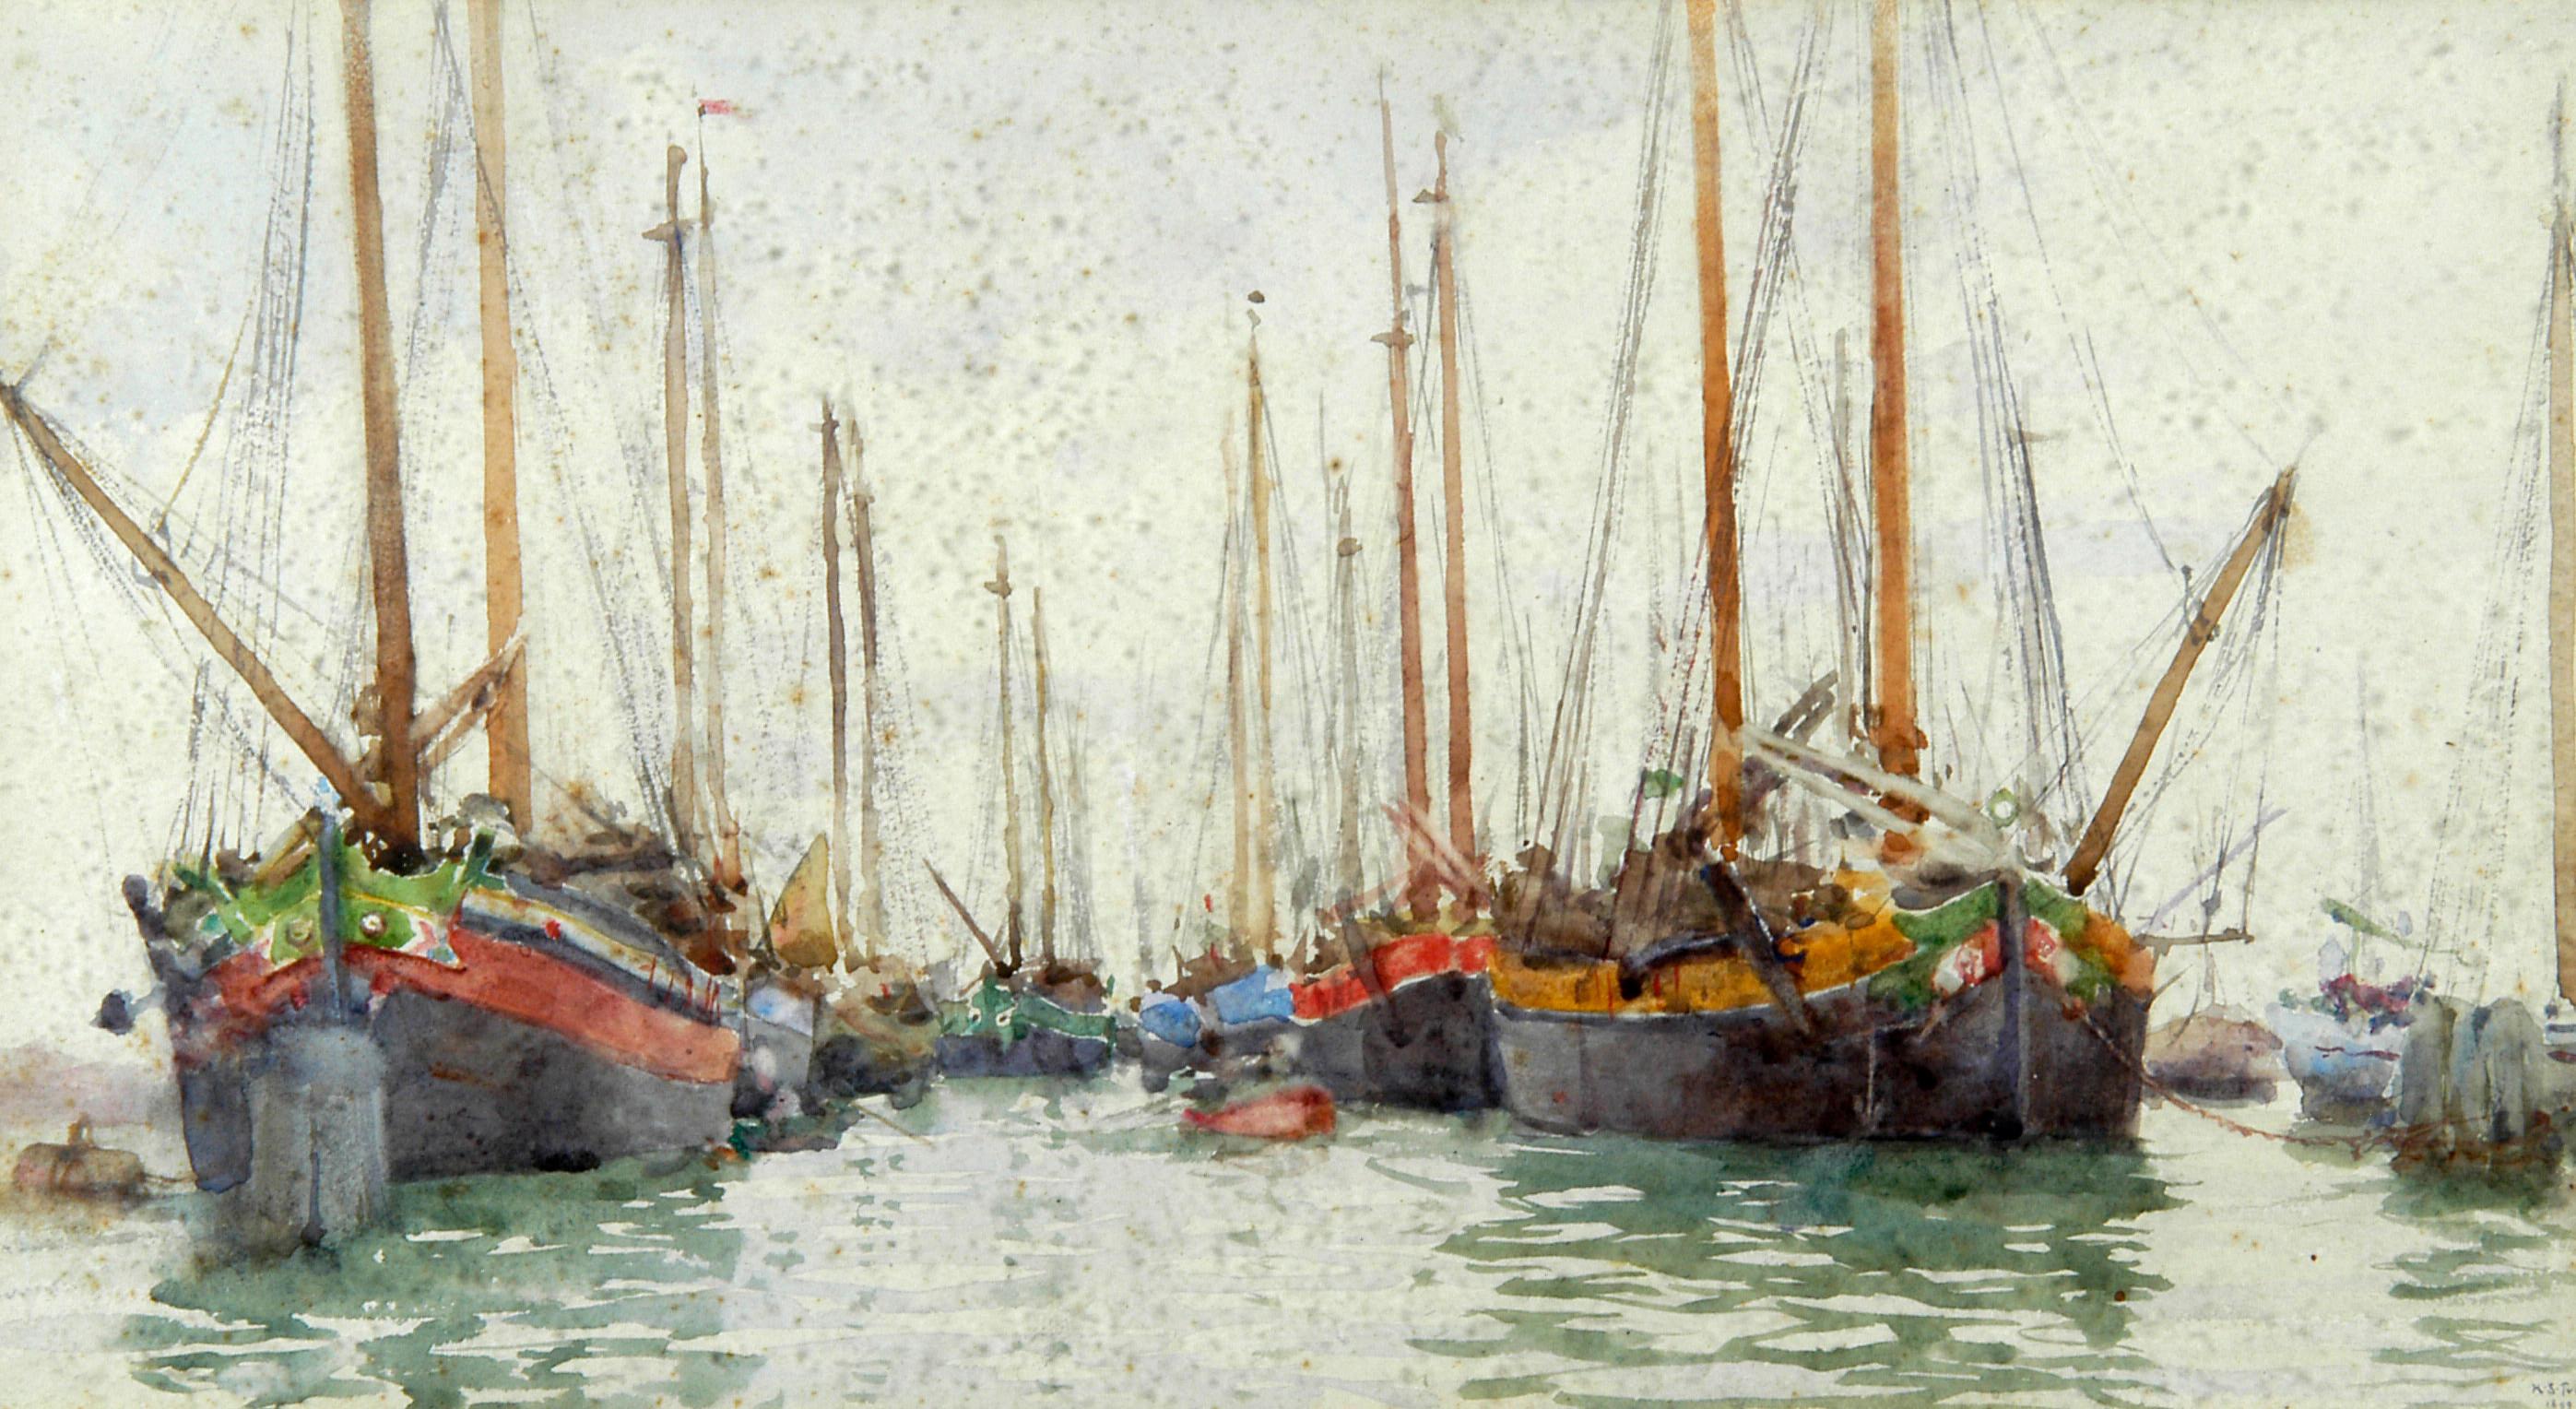 Henry_Scott_Tuke_-_Gaily_coloured_fishing_vessels_at_anchor.jpg